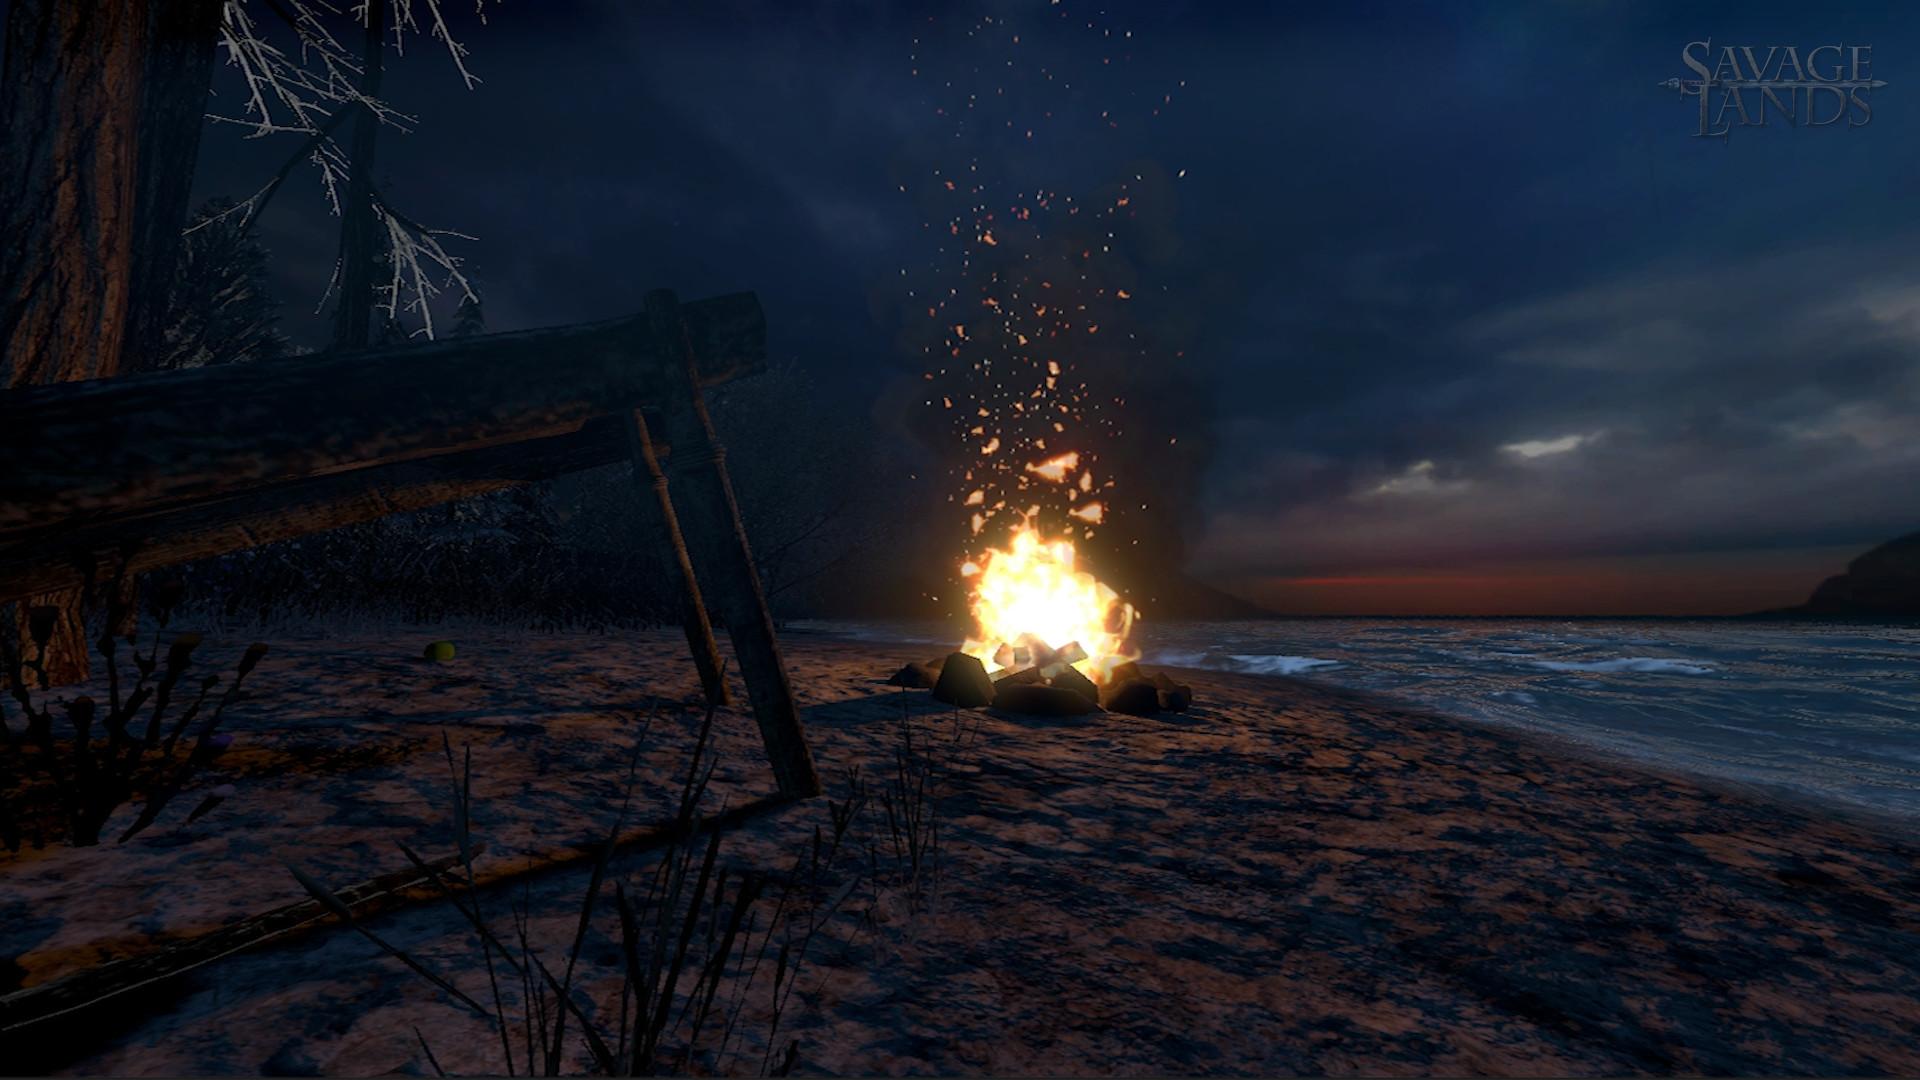 Savage Lands - Ein Feuer am Wasser.jpg